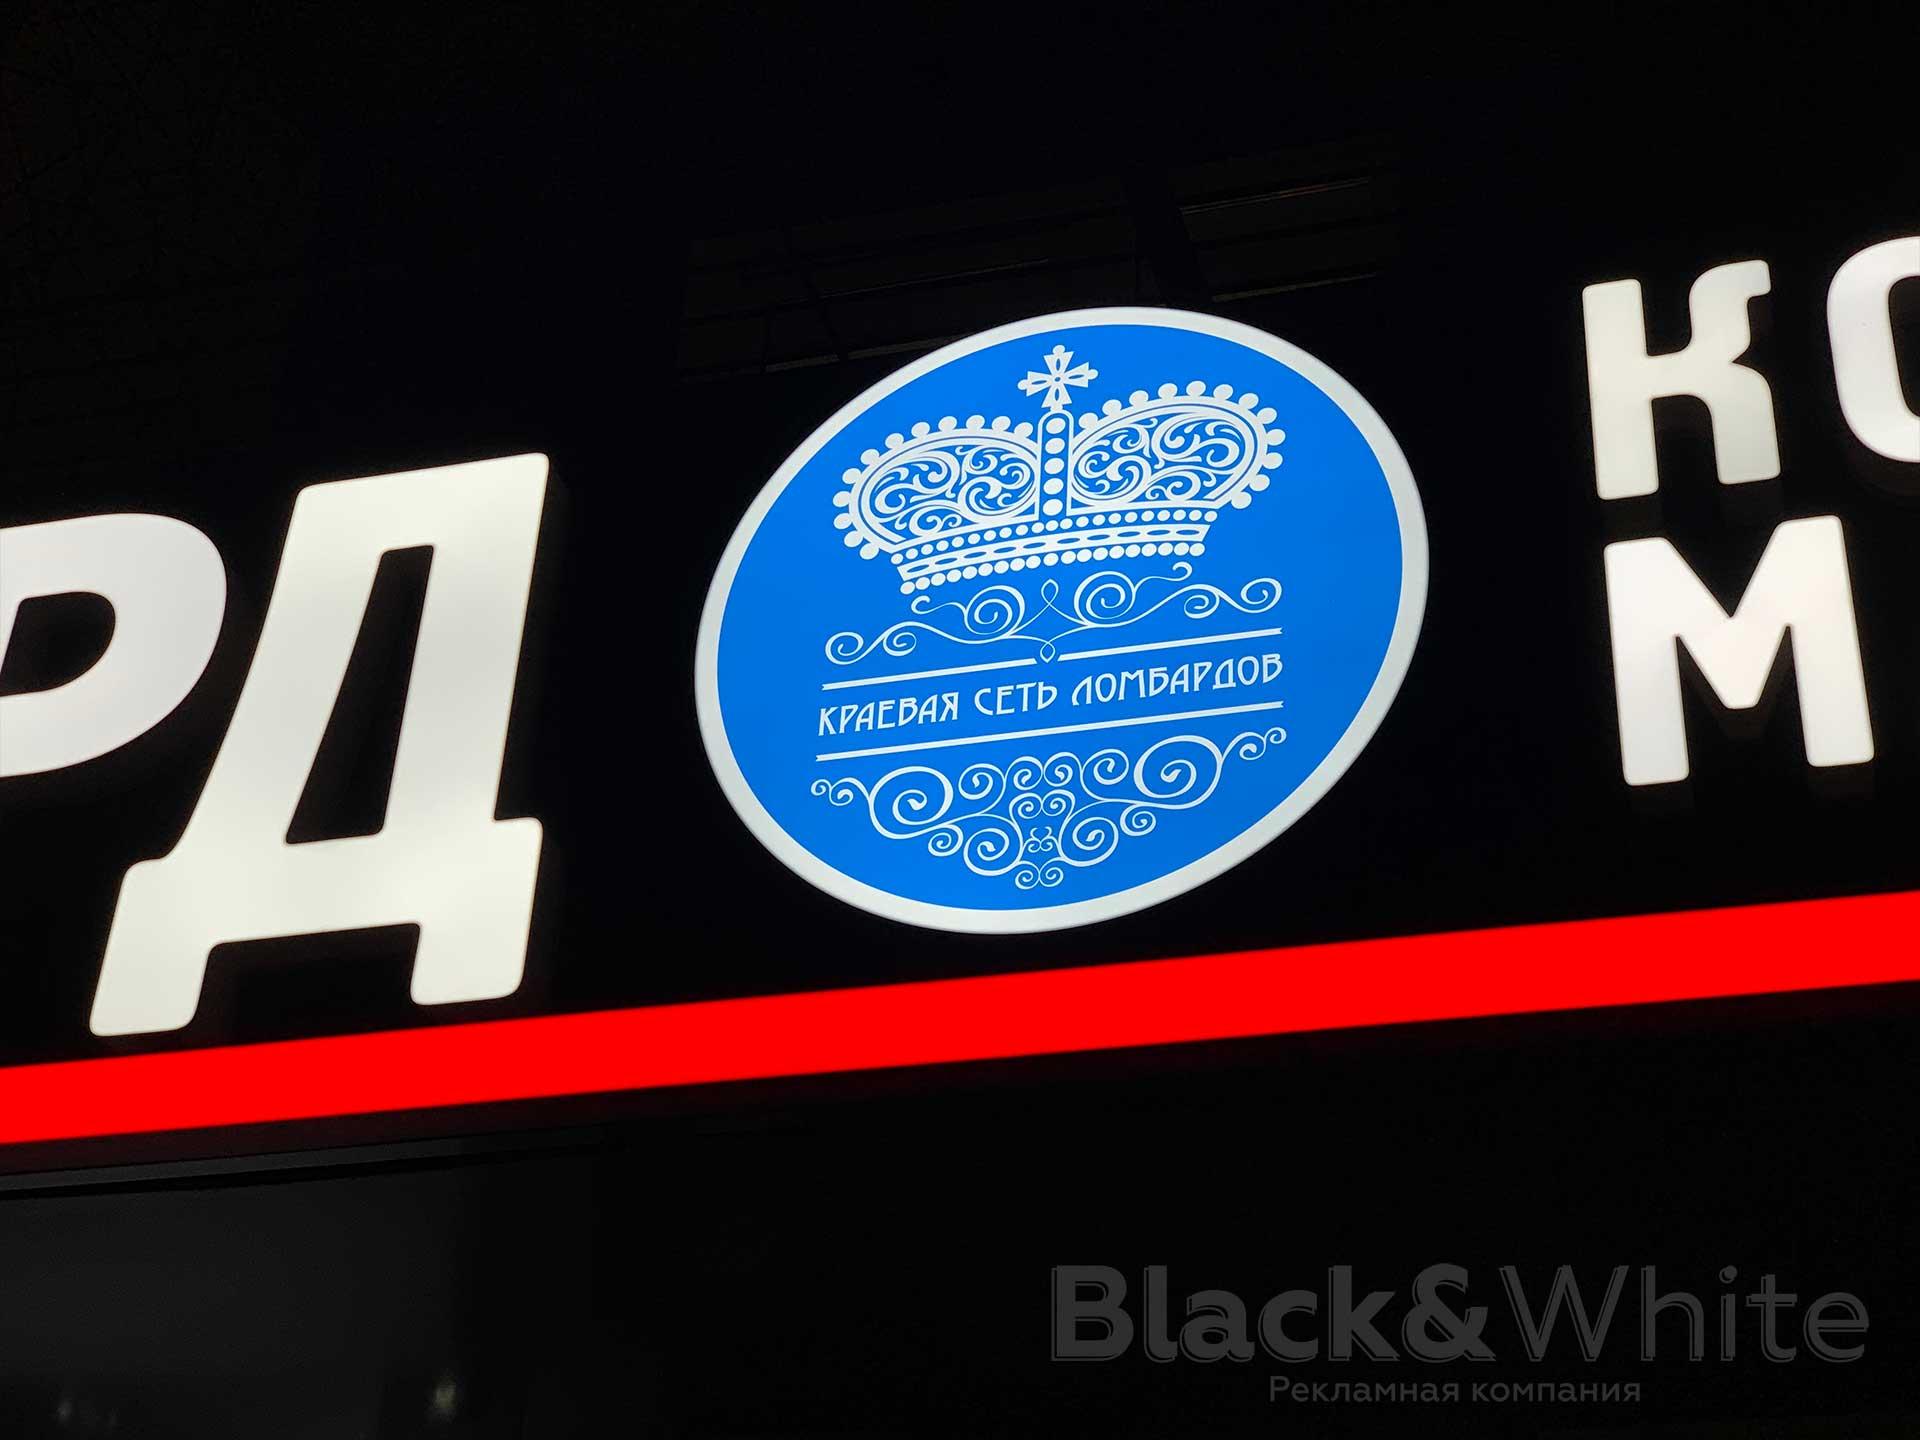 Световая-вывеска-для-ломбарда-с-световыми-объёмными-буквами-в-Красноярске-Black&White..jpg